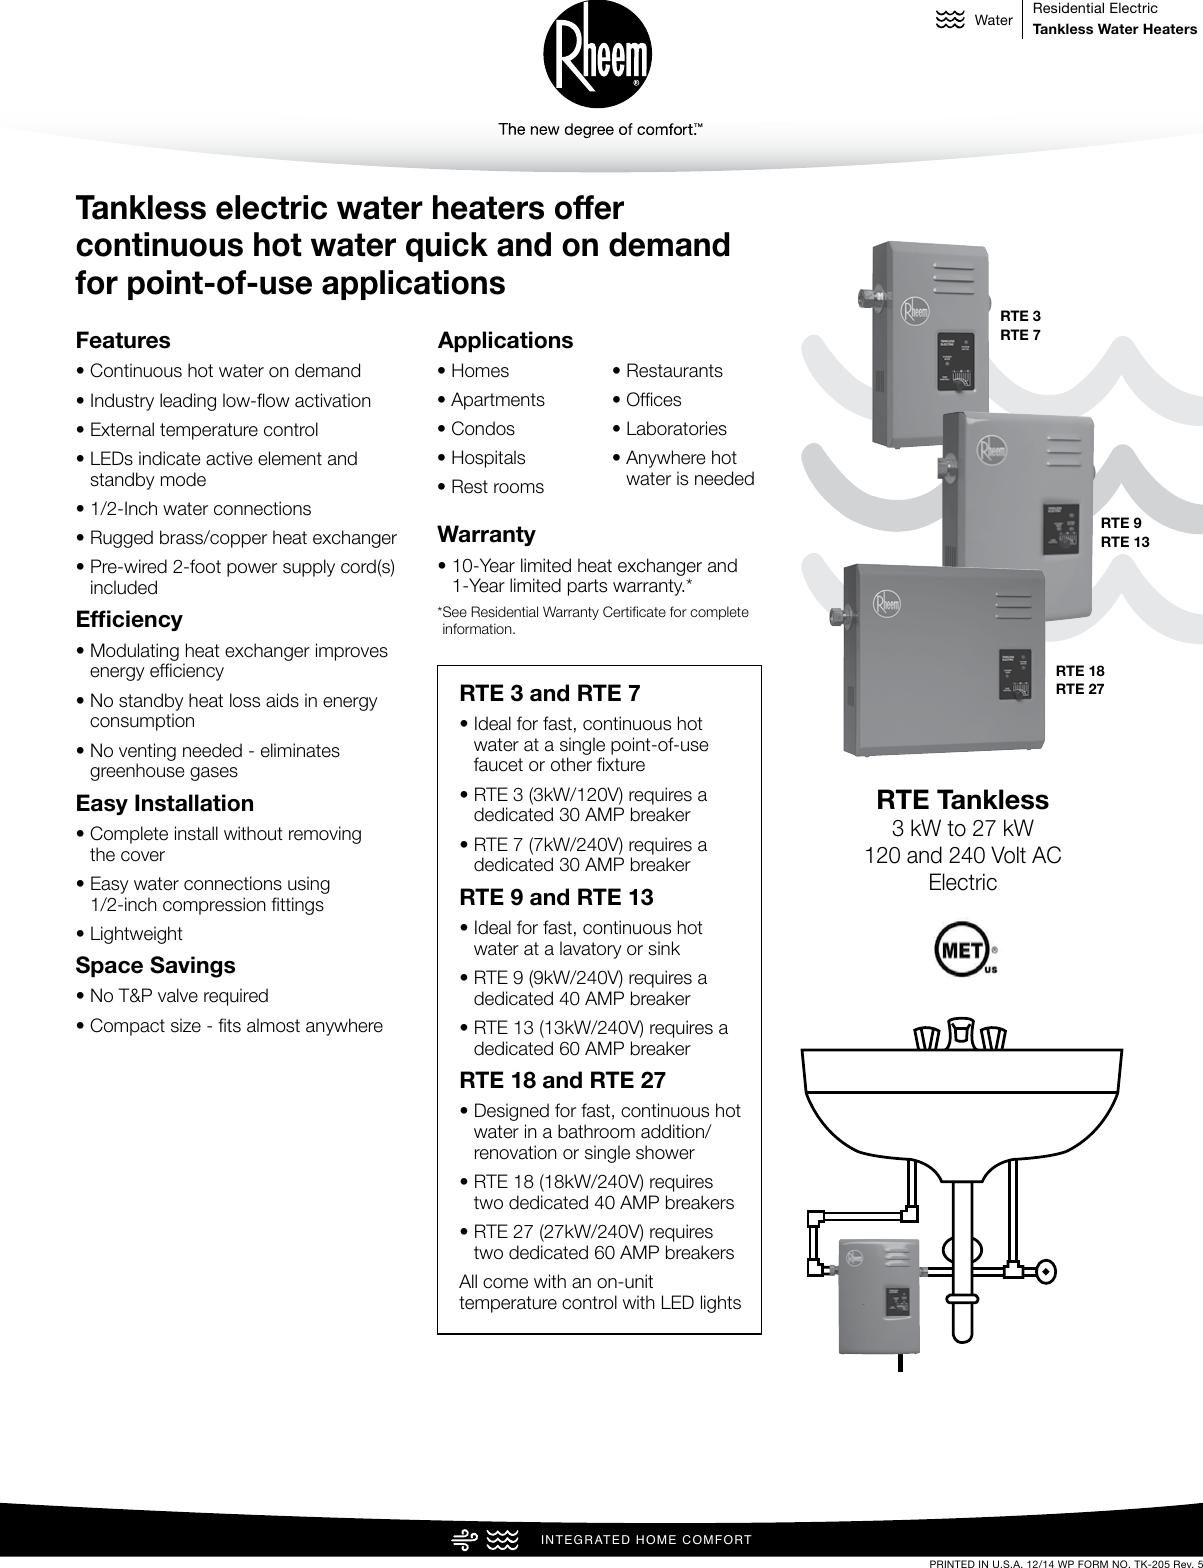 25 Rheem Rte 18 Wiring Diagram Manual Guide